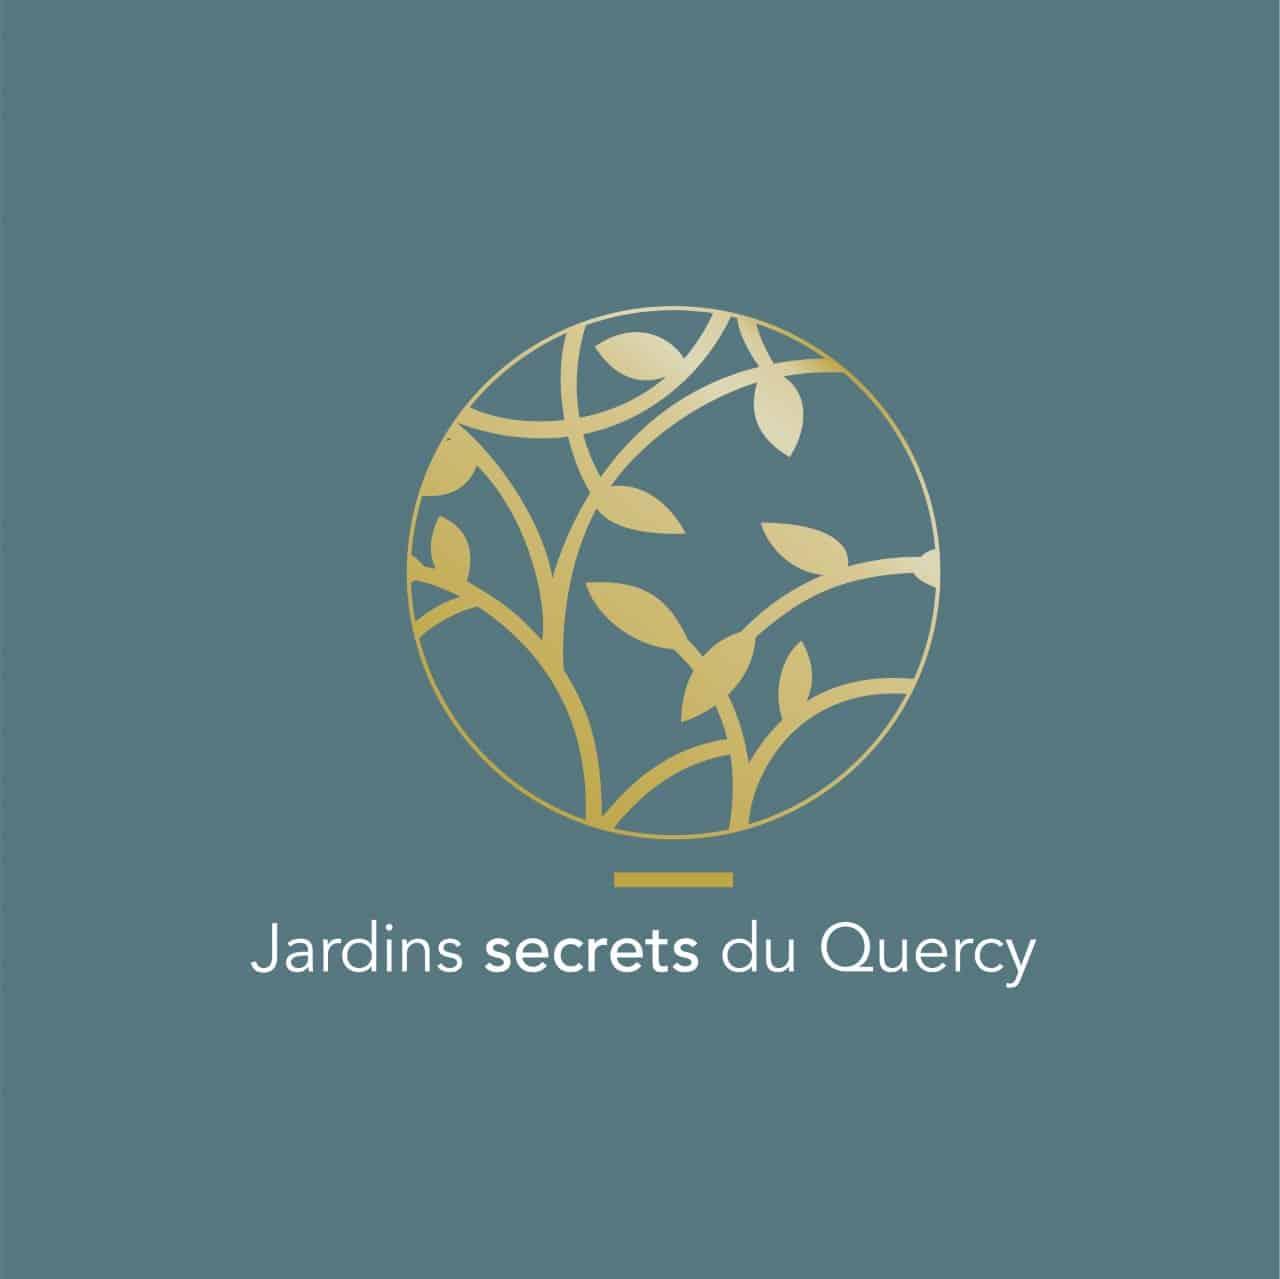 Les Jardins Secrets du Quercy